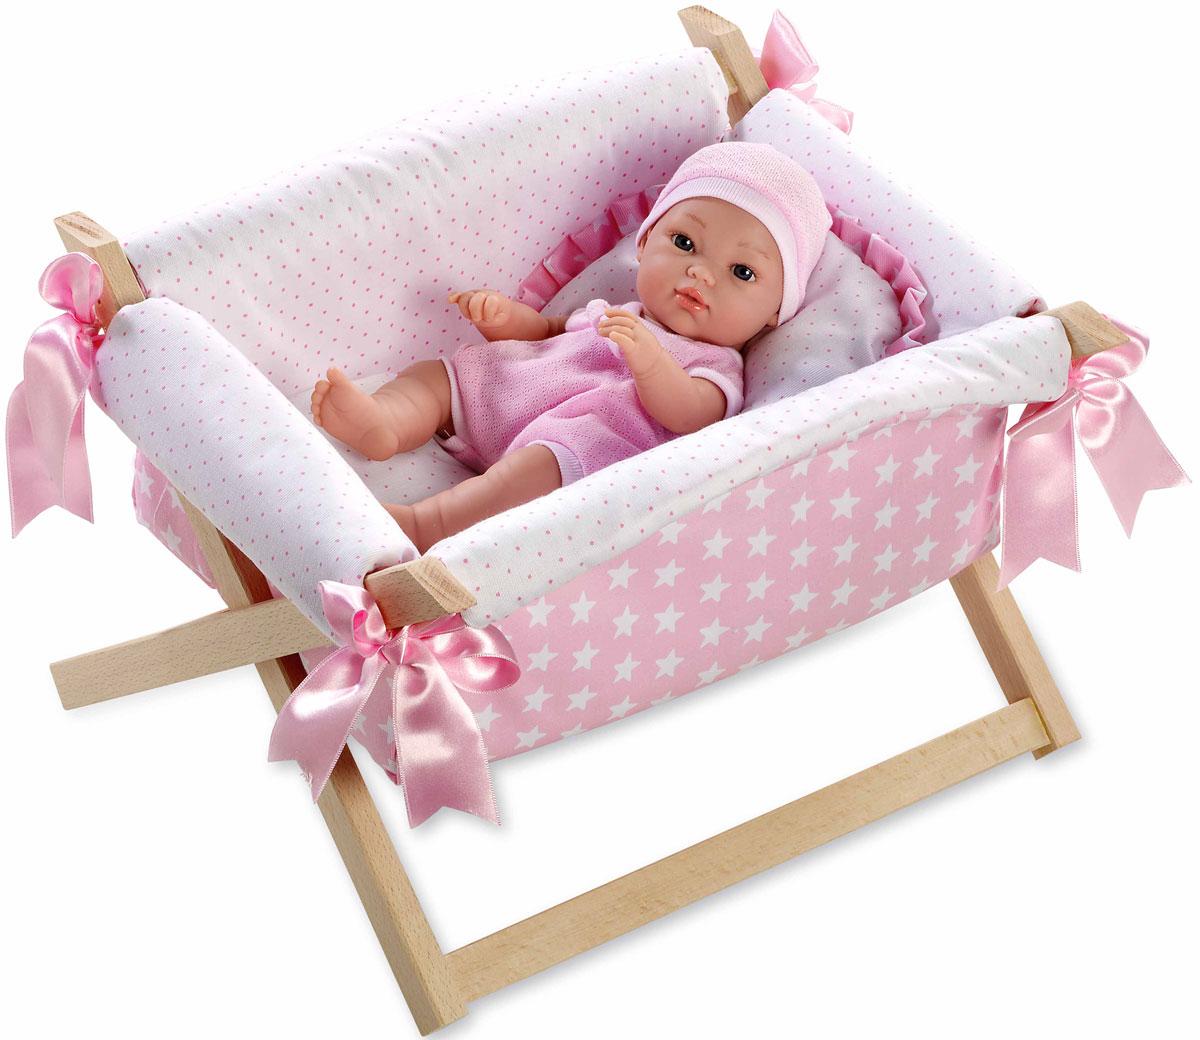 Arias Пупс Elegance в кроватке Т11068 arias пупс цвет платья белый розовый 42 см т59289